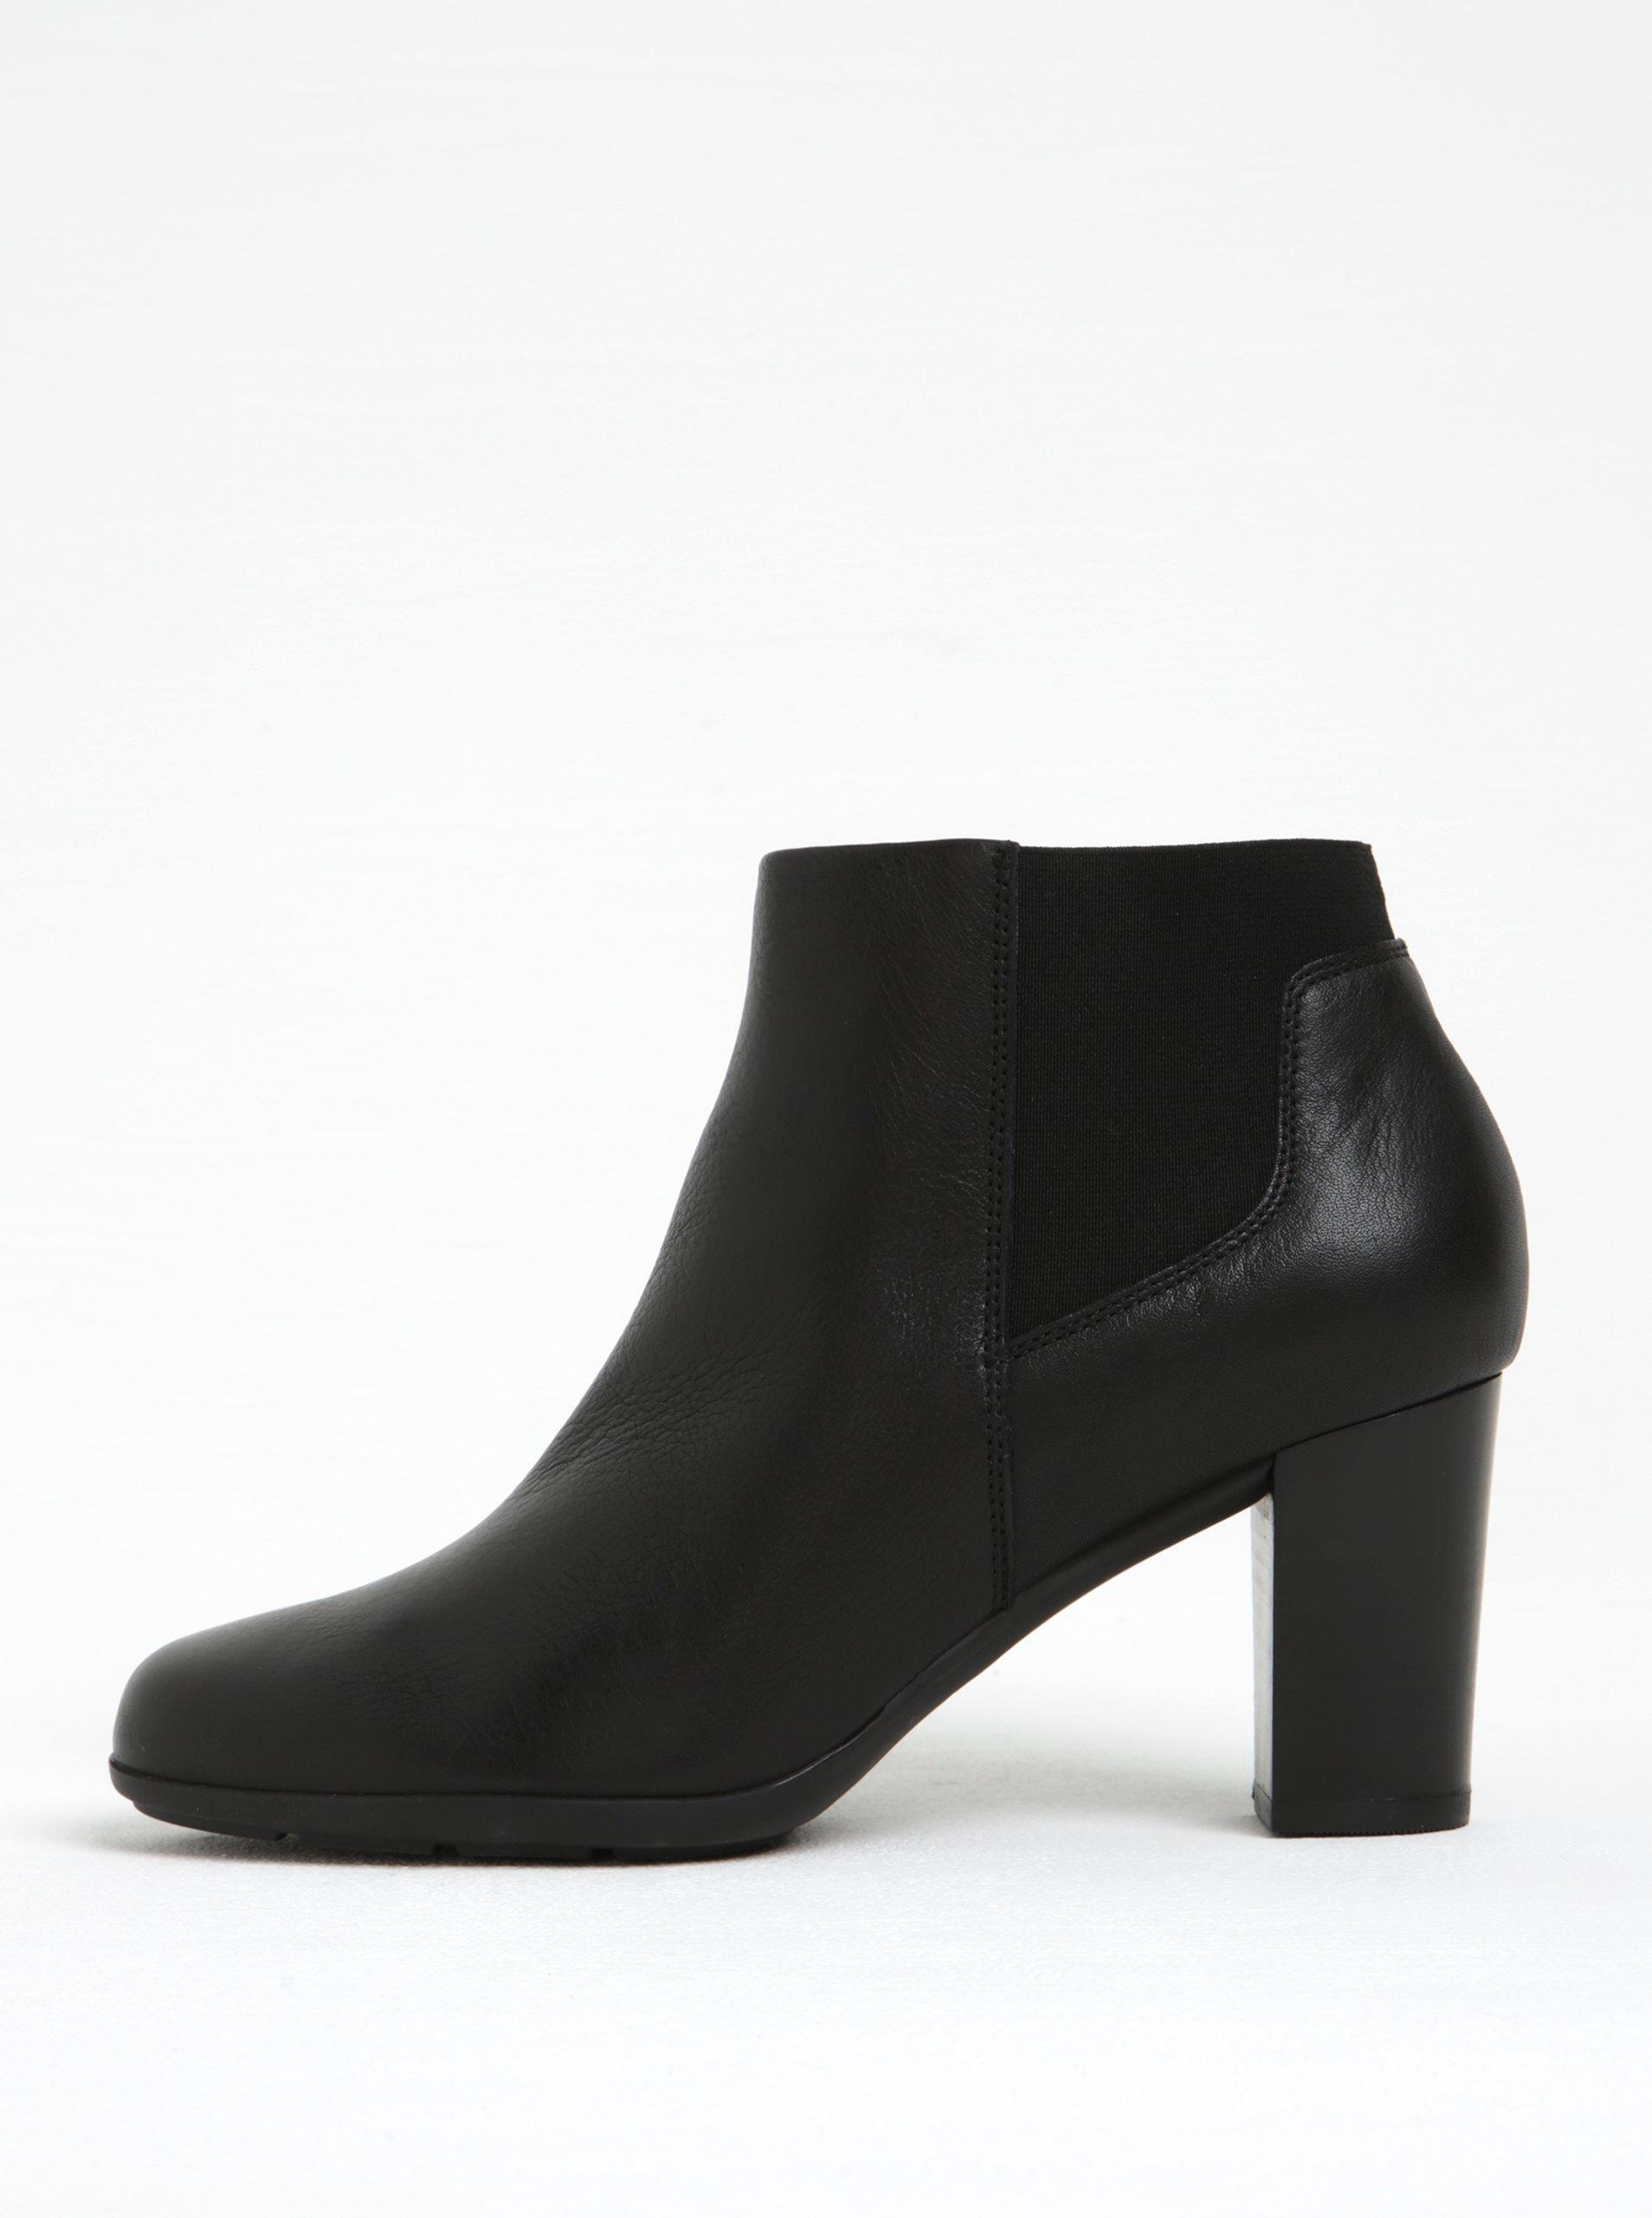 Černé dámské kožené chelsea boty na podpatku Geox Annya B